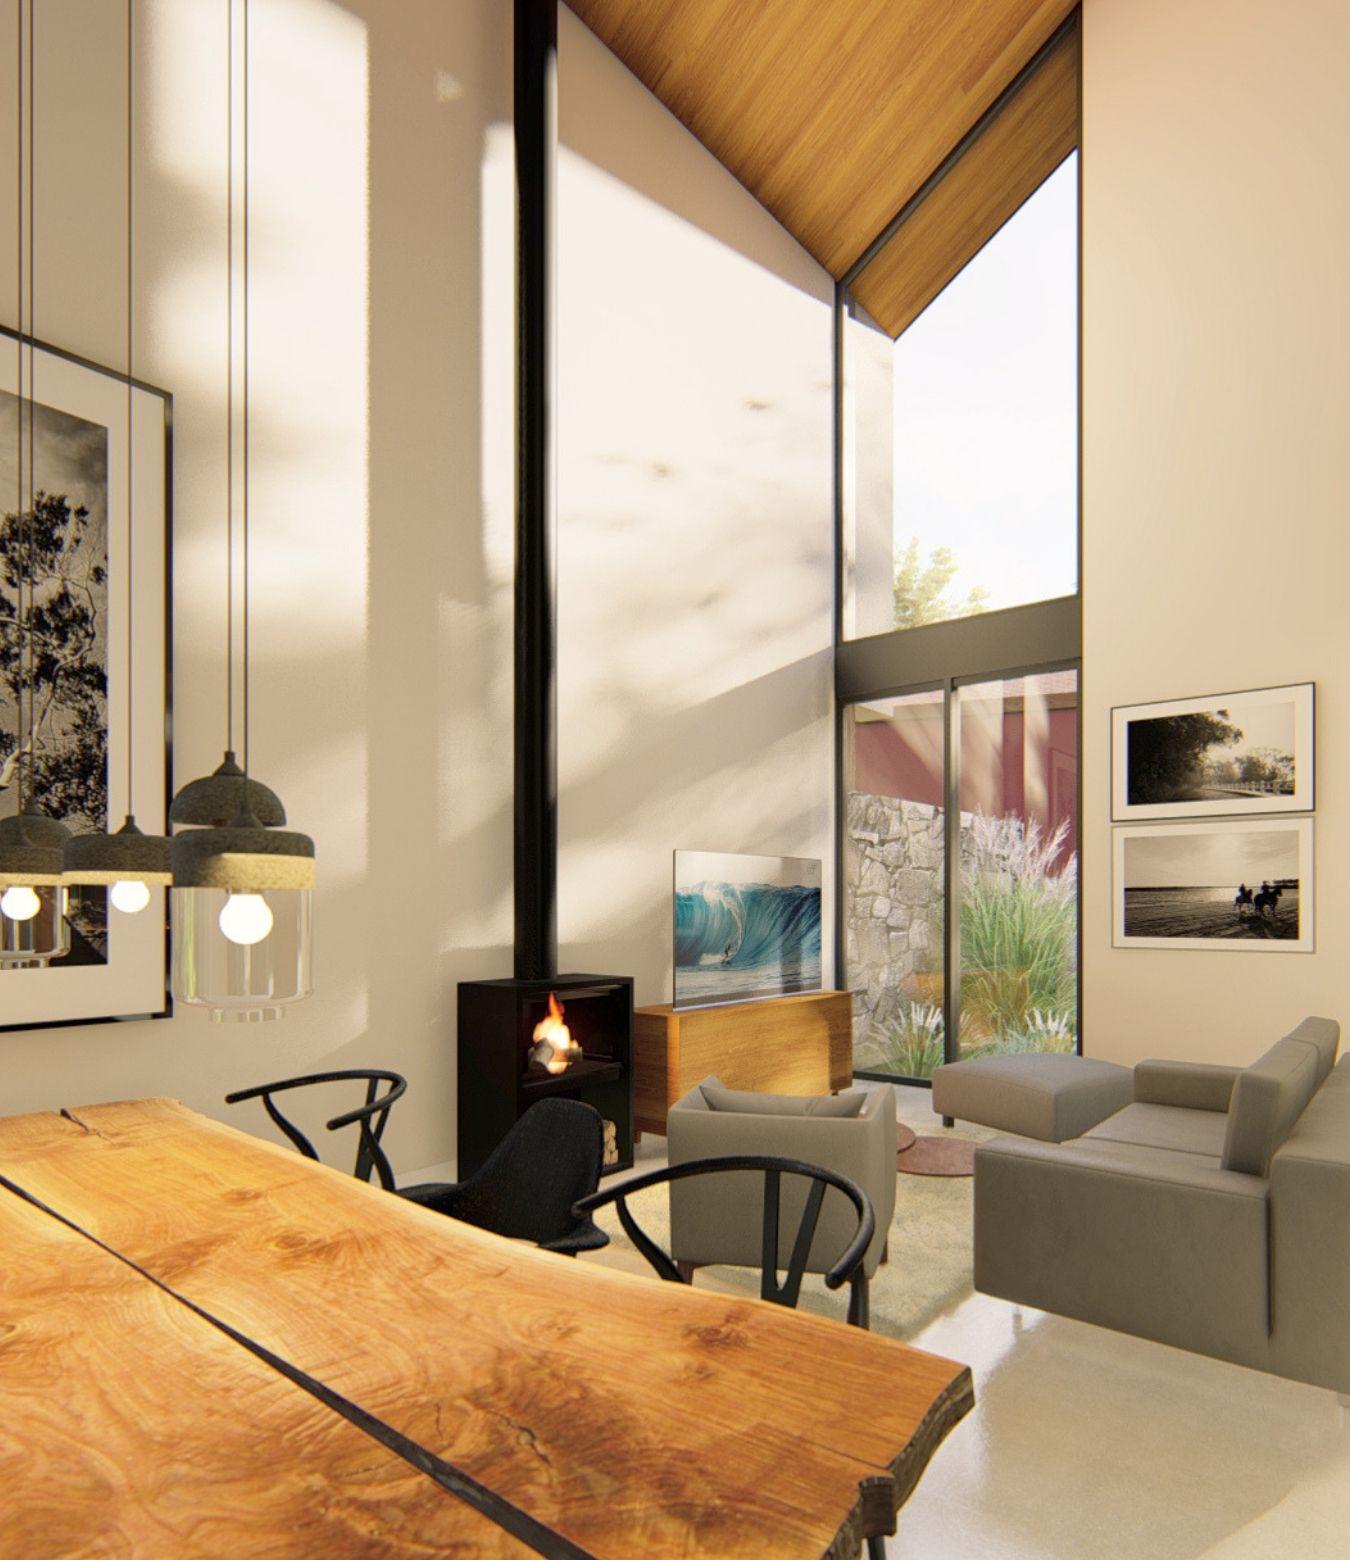 9 viviendas unifamiliares aisladas + rehabilitación de una vivienda unifamiliar. Un proyecto del estudio de arquitectura FH2L Arquitectos en Navacerrada, Madrid